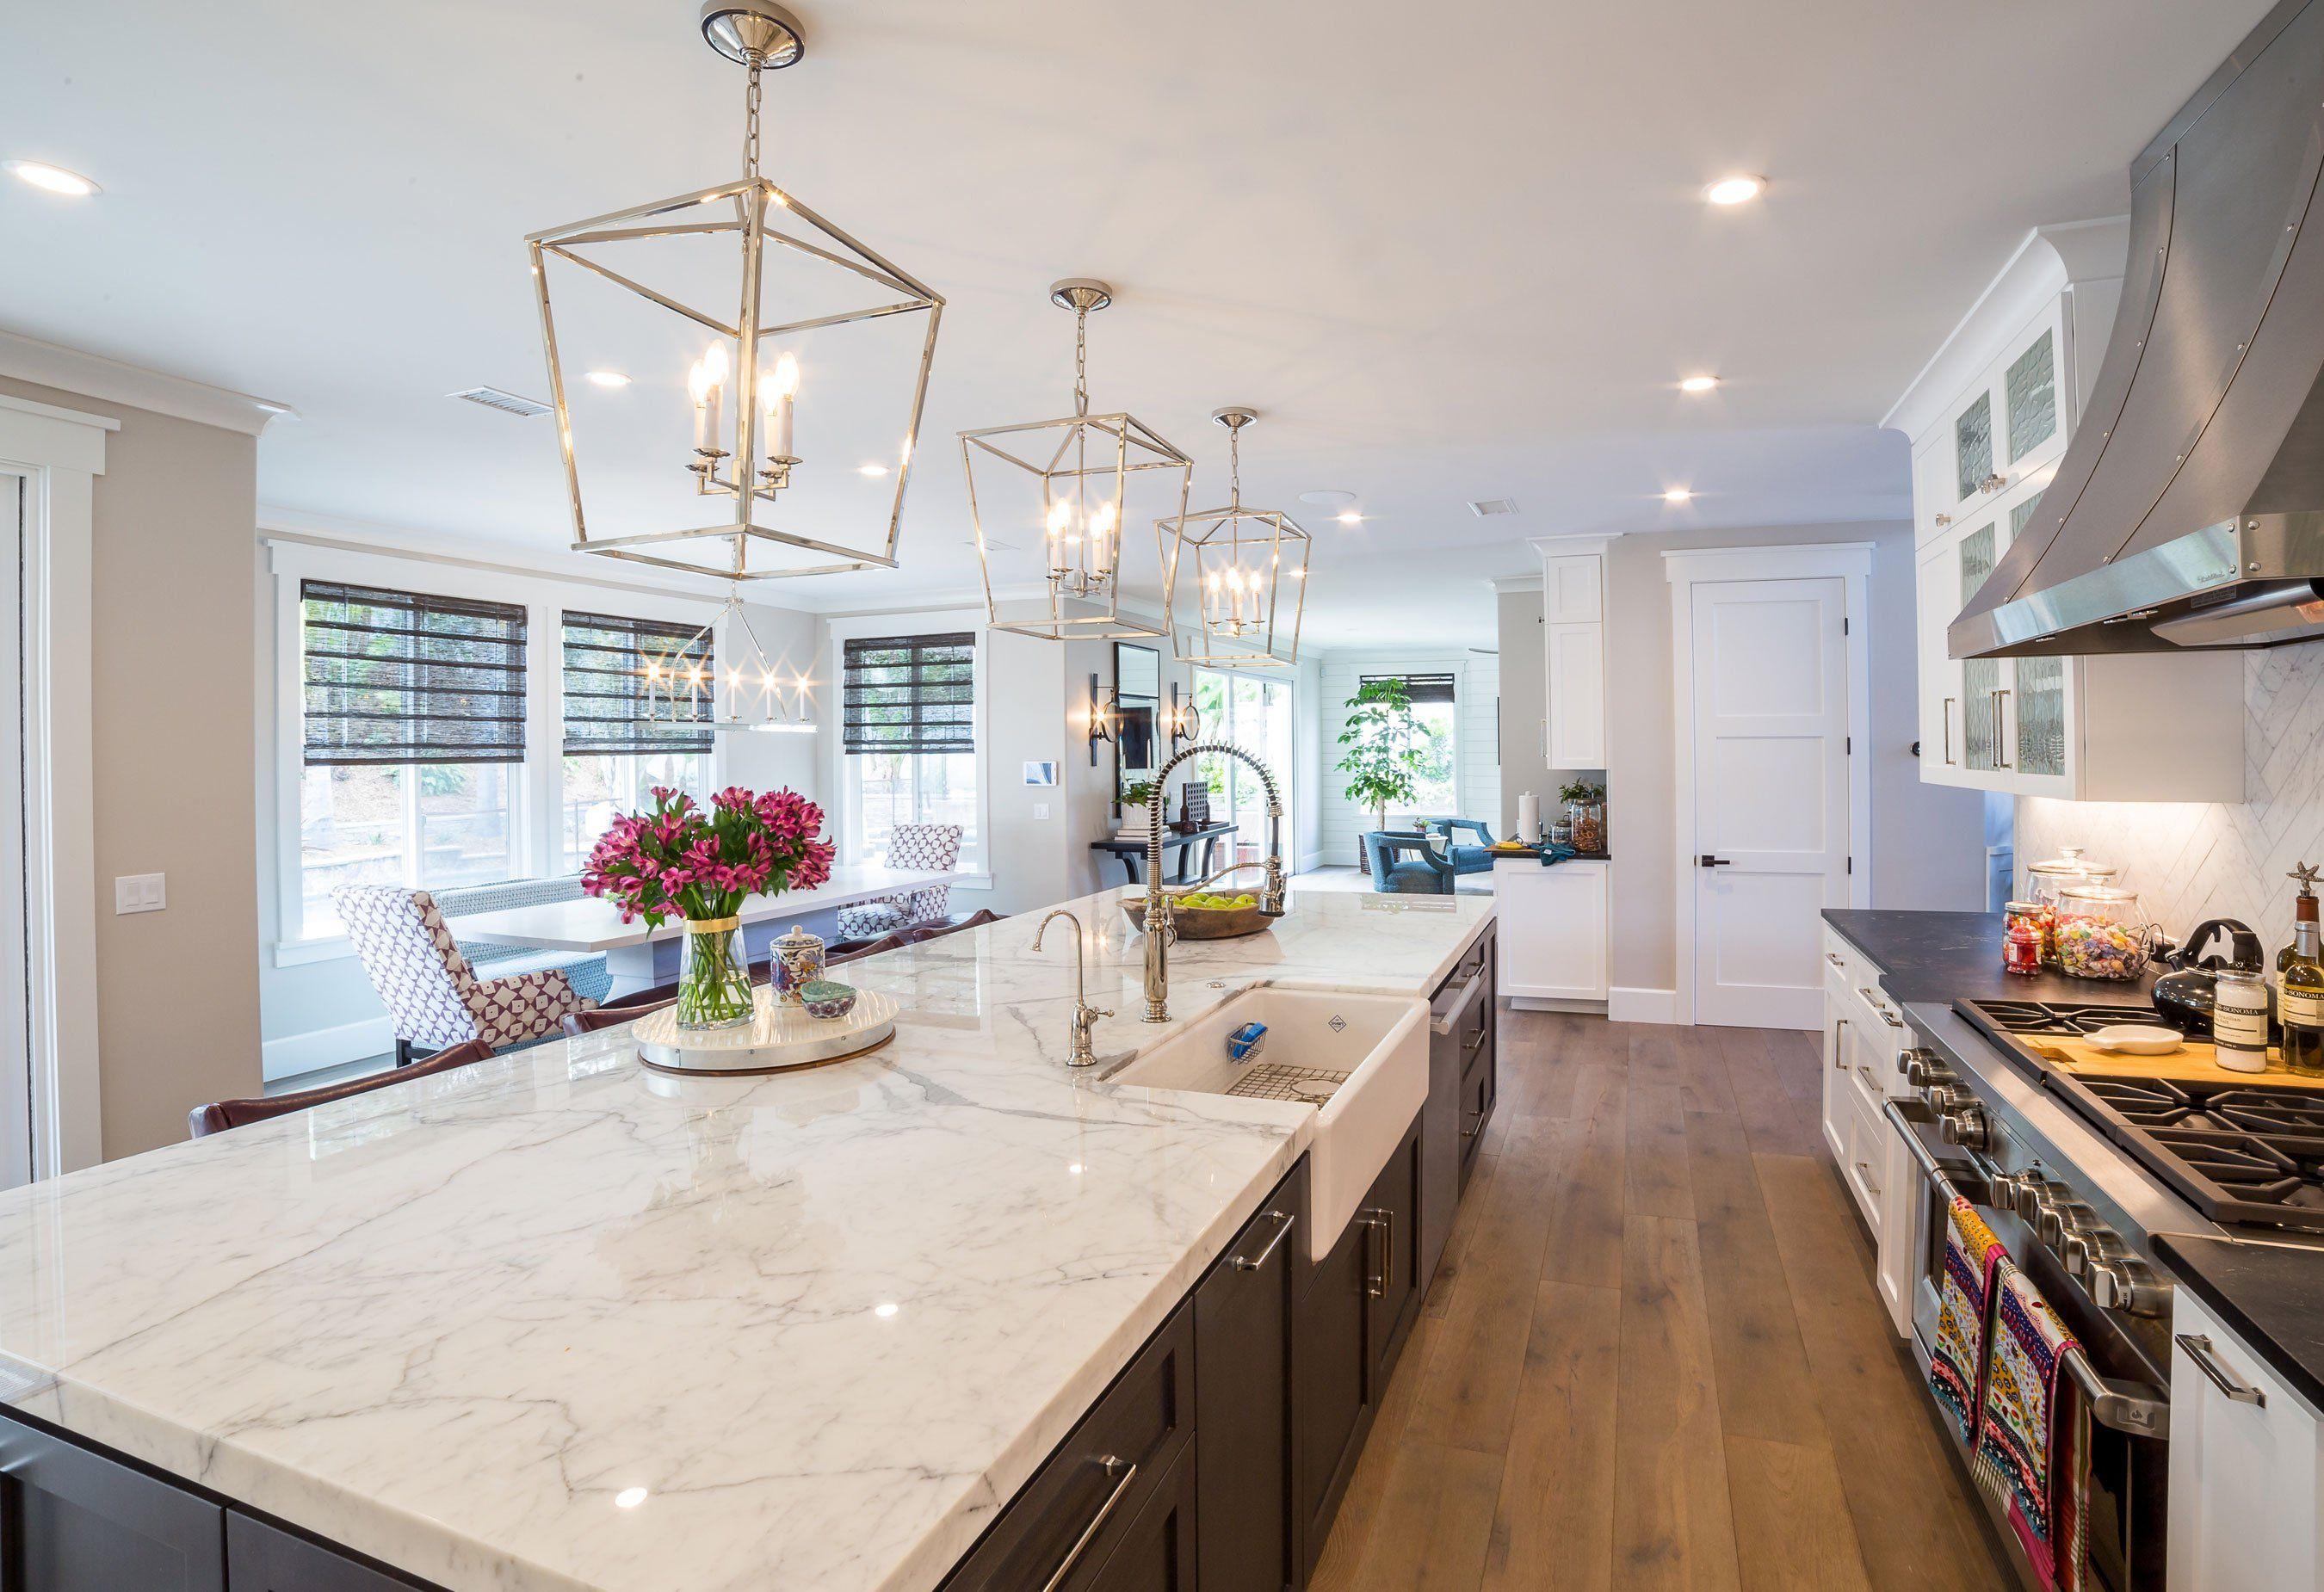 12+ San diego kitchen remodel information